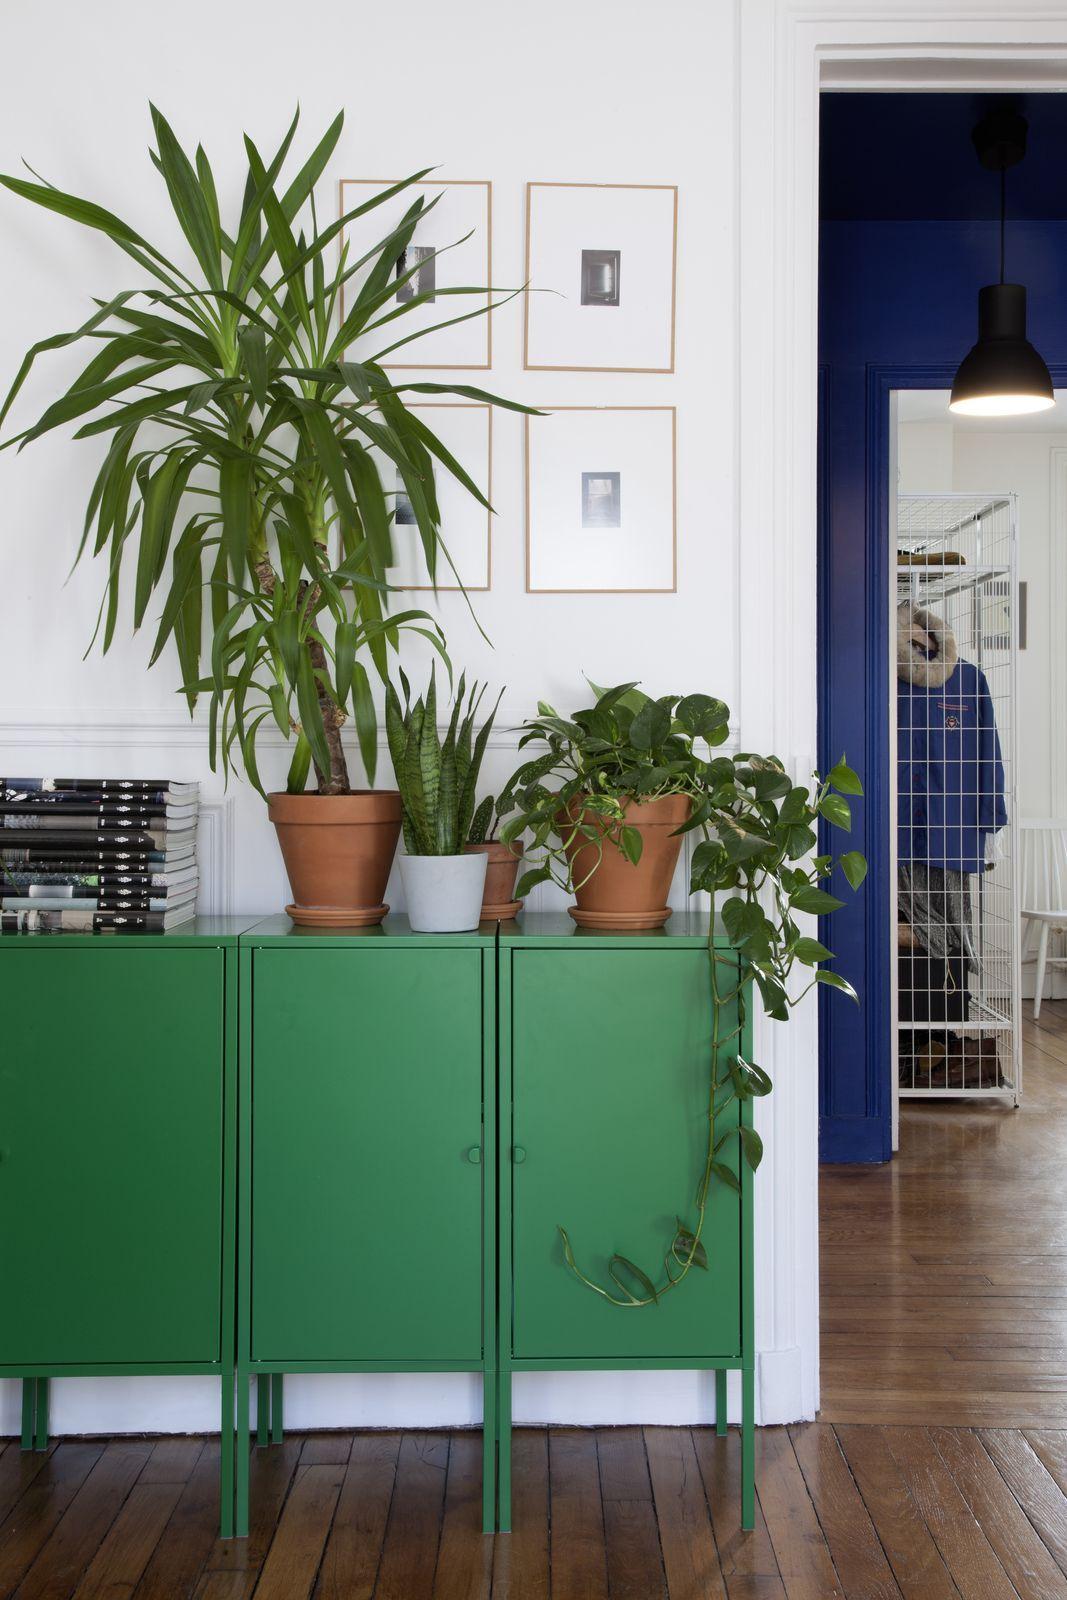 Intérieur contemporain séjour ikea 2010s placard lixhult vert design suédois mobilier livingroomideas